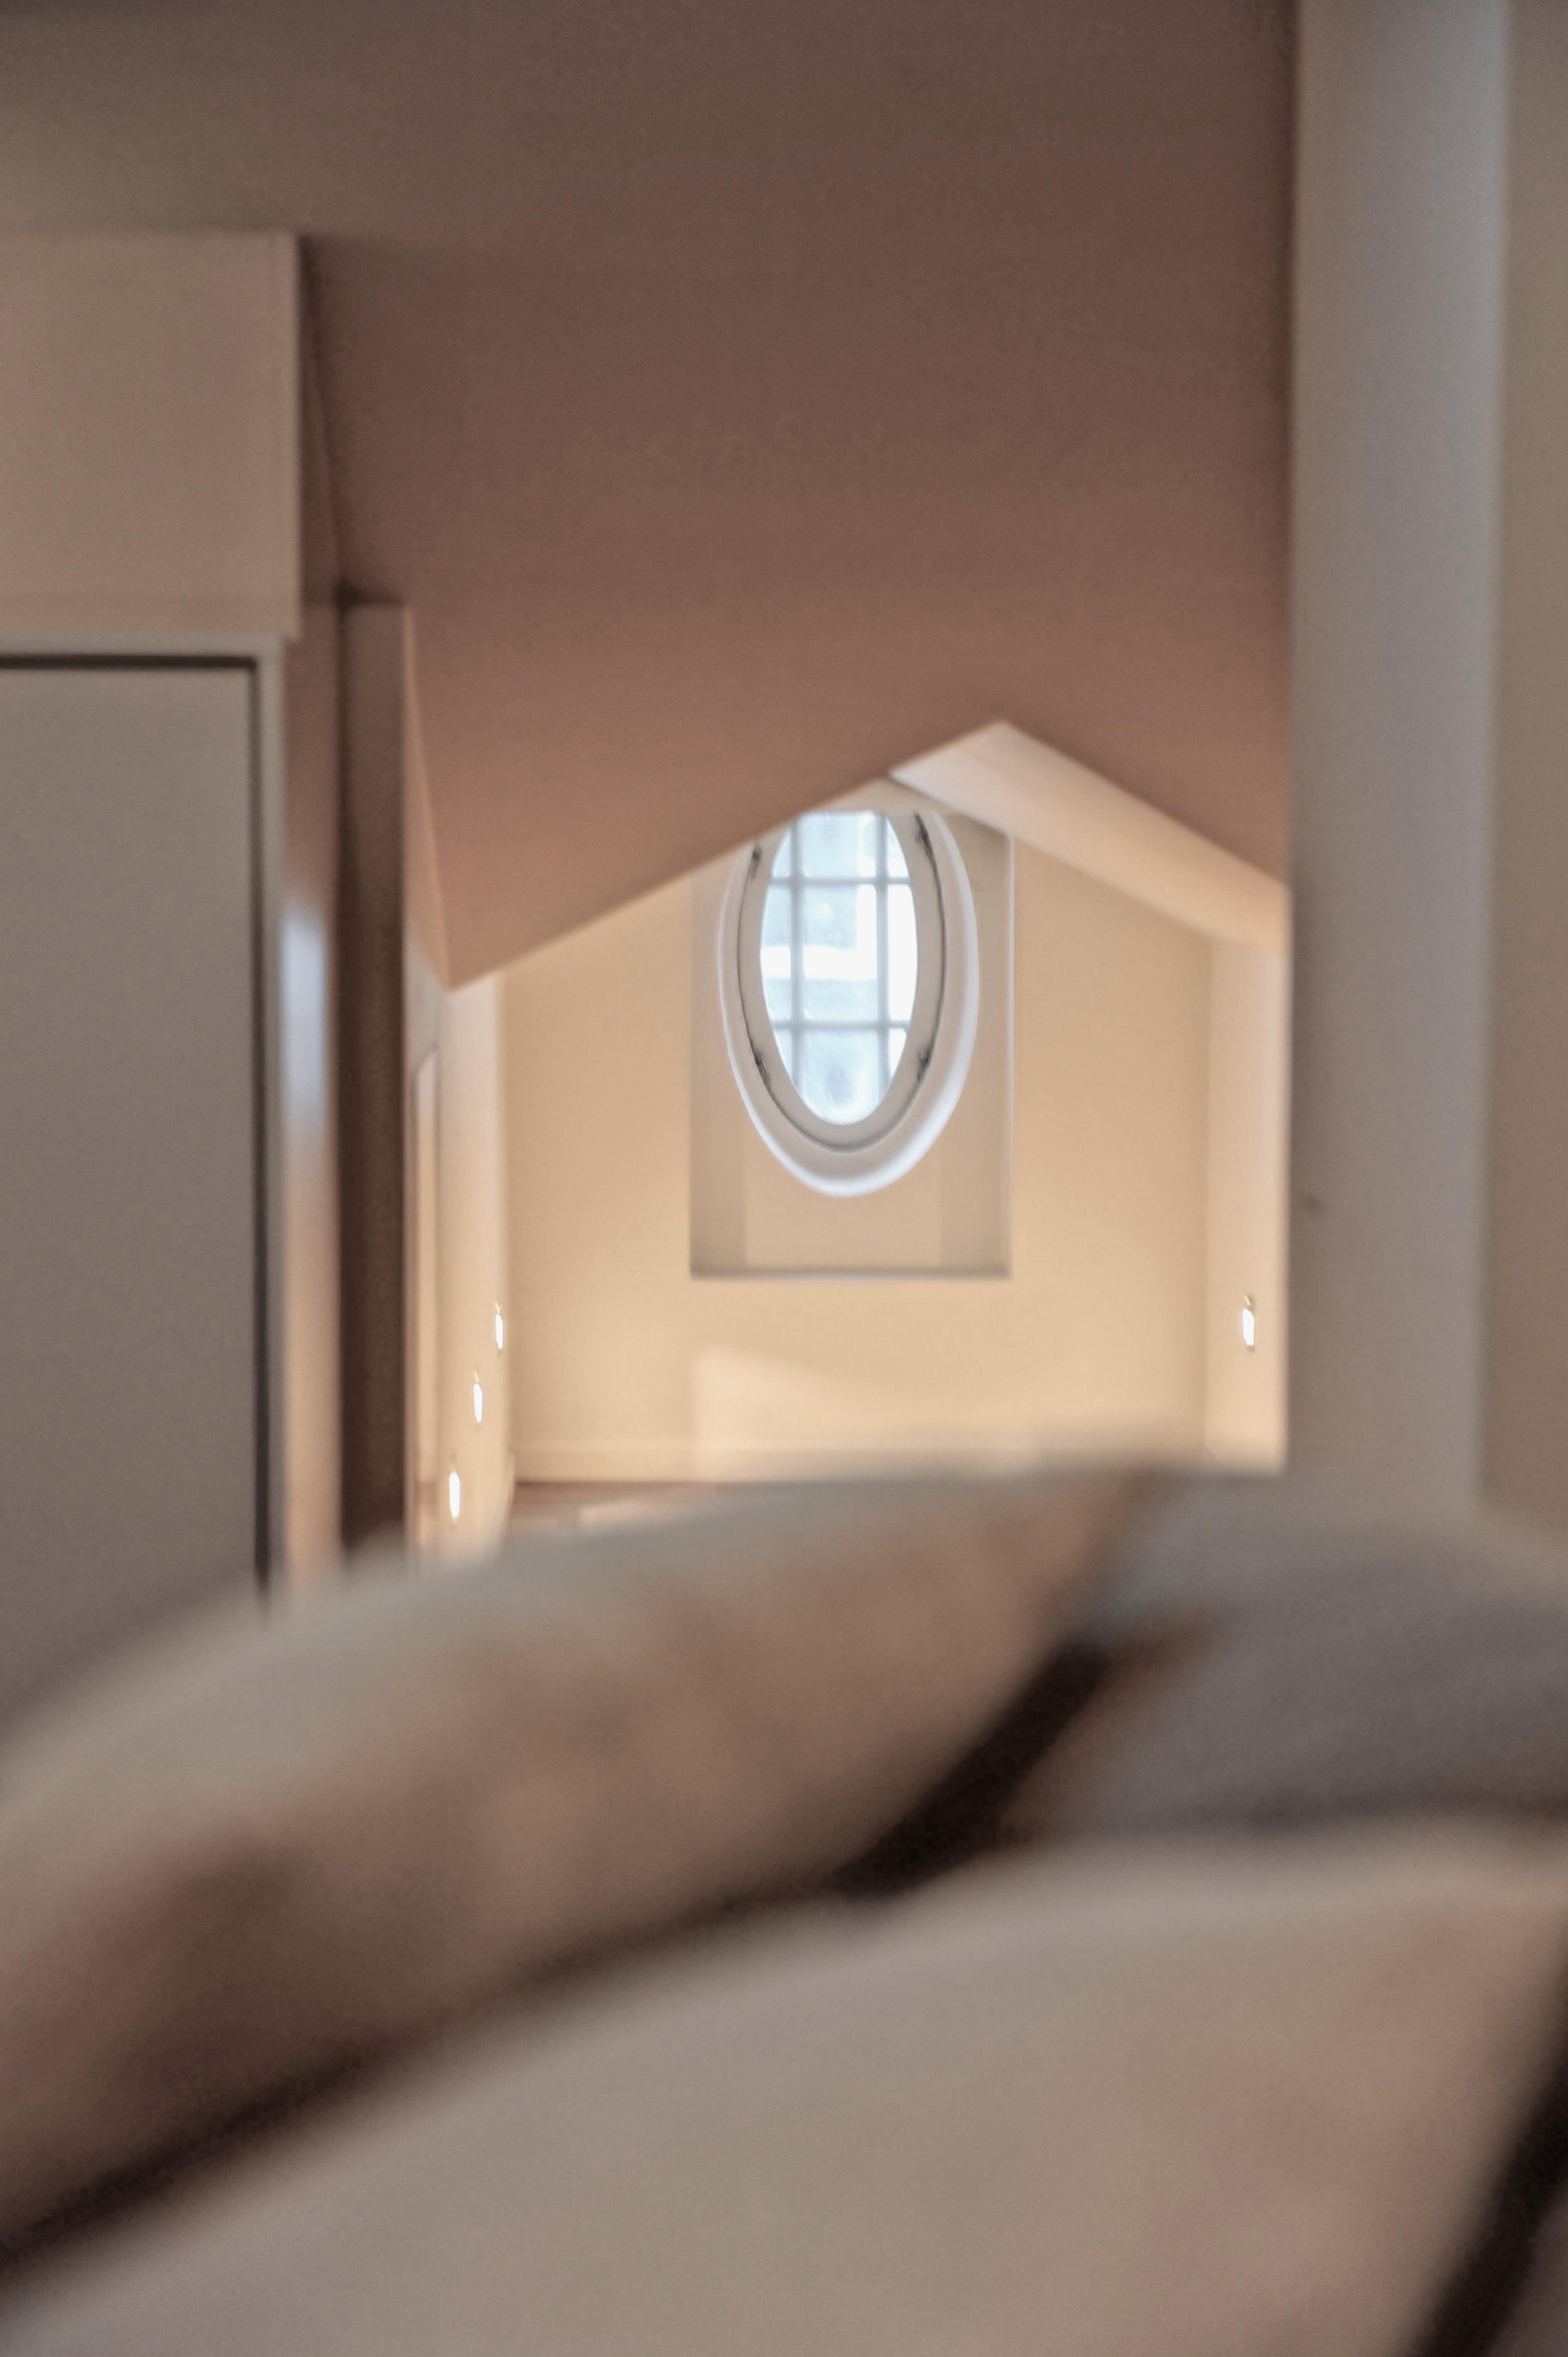 Tilasuunnittelu & sisustus - Tarjoamme projektiinne kaikki siihen tarvittavat suunnittelupalvelut, kumppaninamme ullanlinnalainen Helsinki Interiors. Korjausrakentamisessa kokenut ja arvostettu tilasuunnittelutoimisto auttaa teitä valitsemaan kohteeseenne oikeat materiaalit, valmistaa keittiö- ja pesutilasuunnitelmat sekä valitsee vaikka muutamia tilaanne sopivia seinävärejä, joista voitte tehdä mieleisenne valinnan.HELSINKI INTERIORSAnna Tiula +358505454707 office@helsinkiinteriors.comTehtaankatu 14, Helsinki